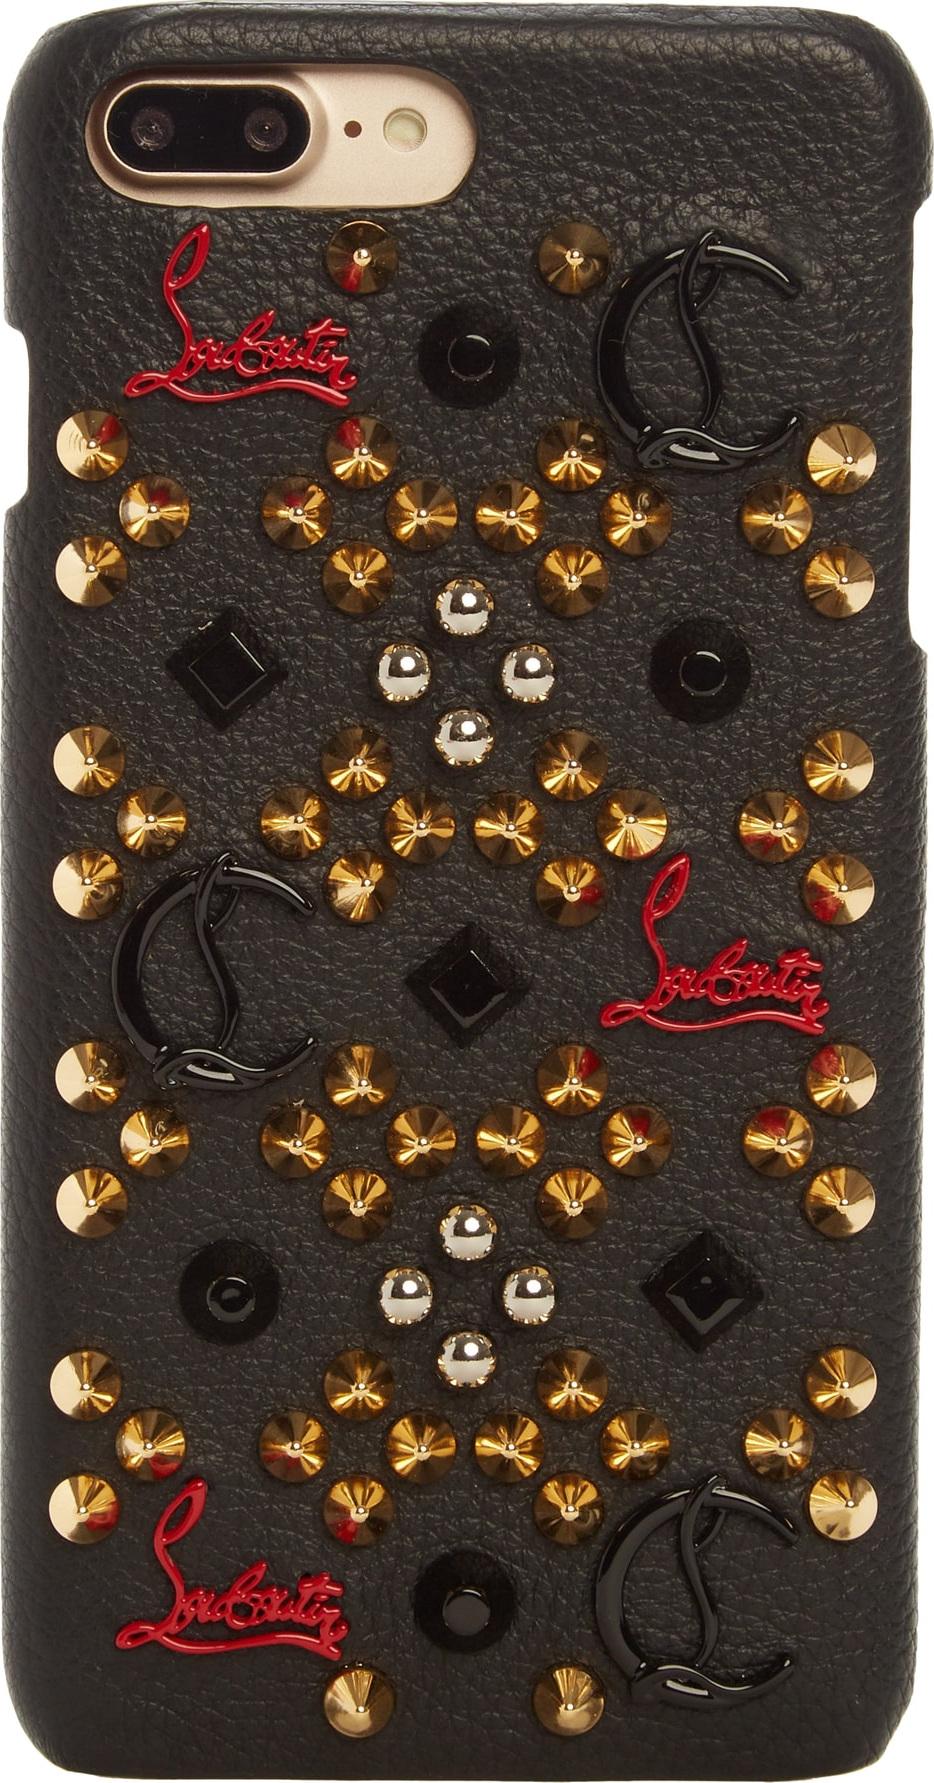 1045d84d4dc Christian Louboutin Loubiphone iPhone 7 Plus Case - Mkt